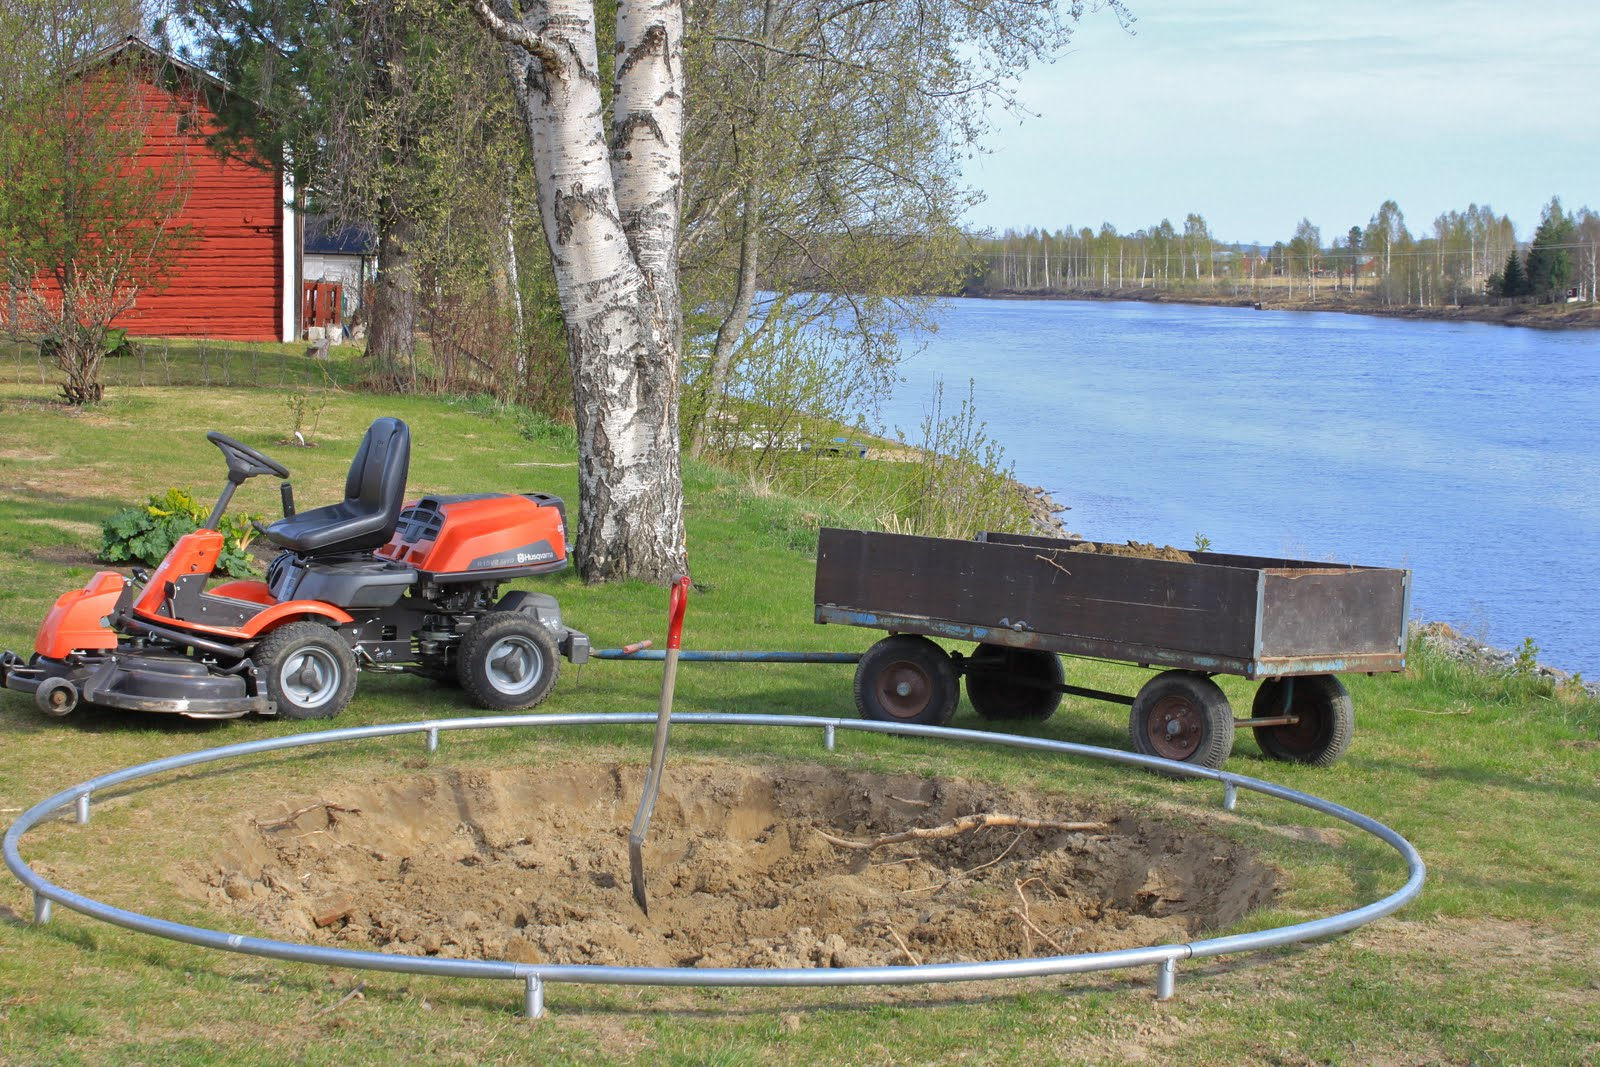 Inredning dräneringsrör : It's a house - en av Sveriges största inredningsbloggar: Gräv ner ...